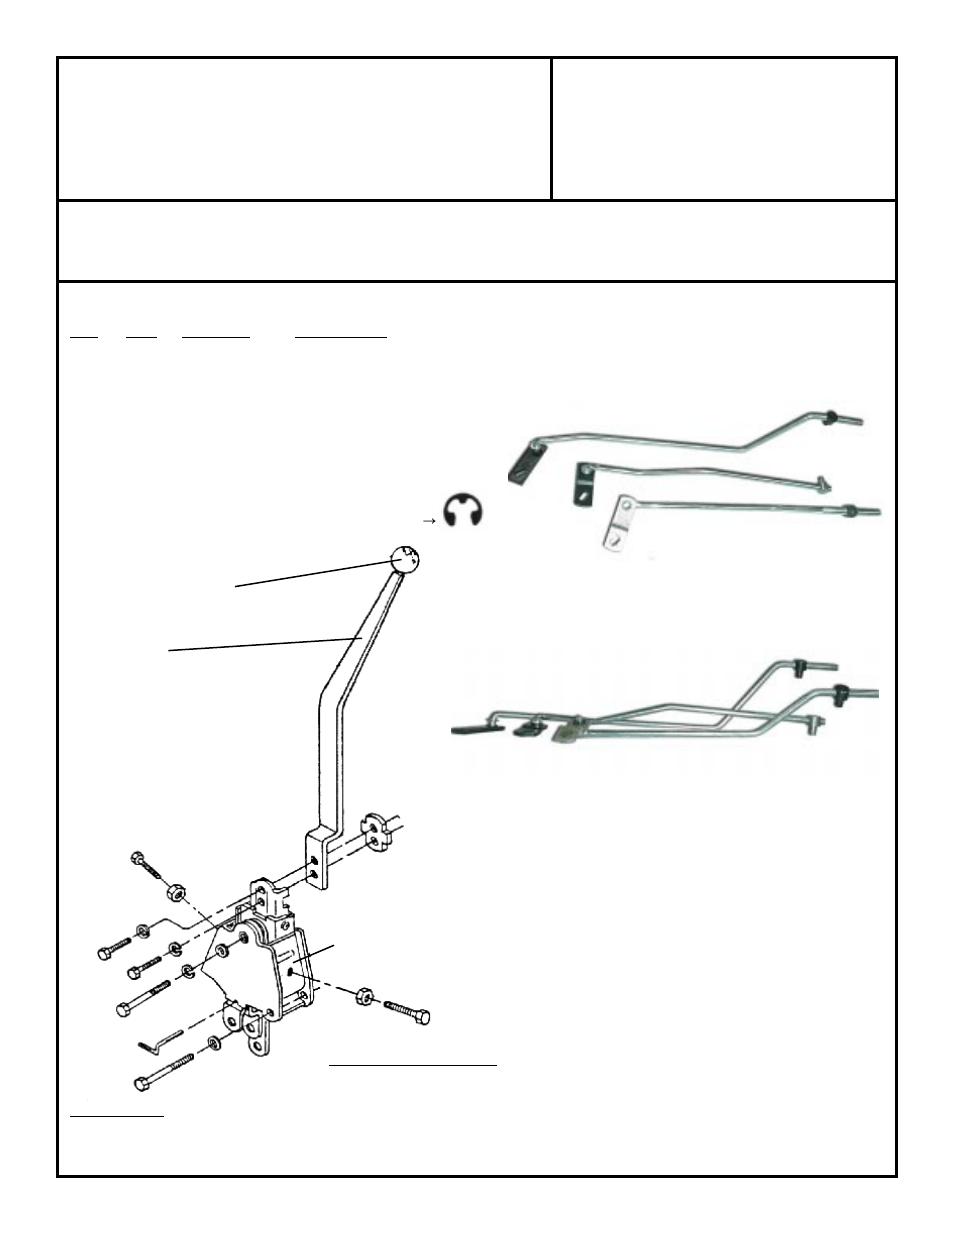 hight resolution of hurst shifter part diagram